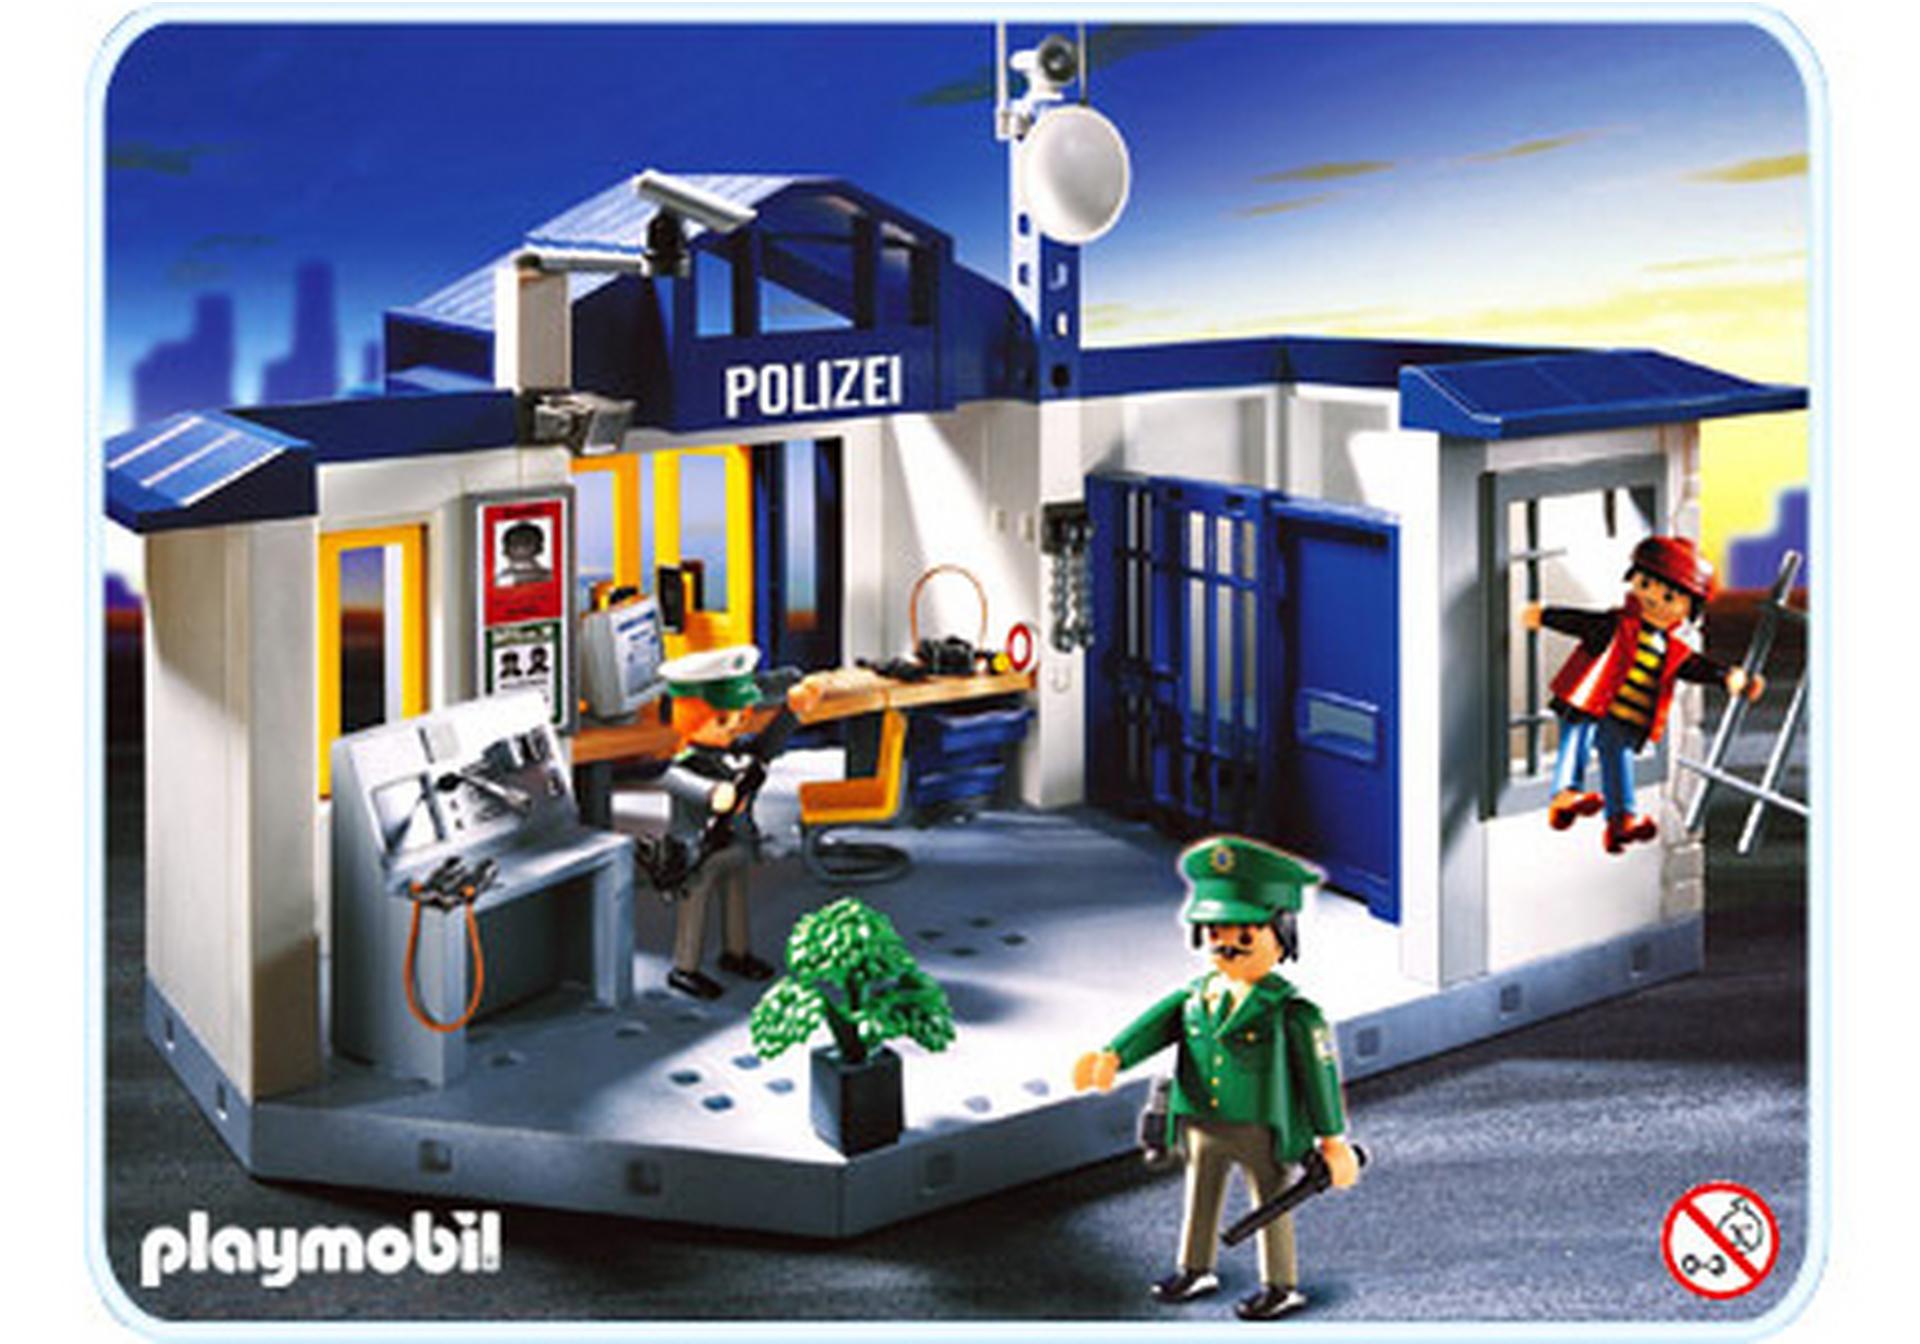 polizeirevier/gefängnis - 3159-a - playmobil